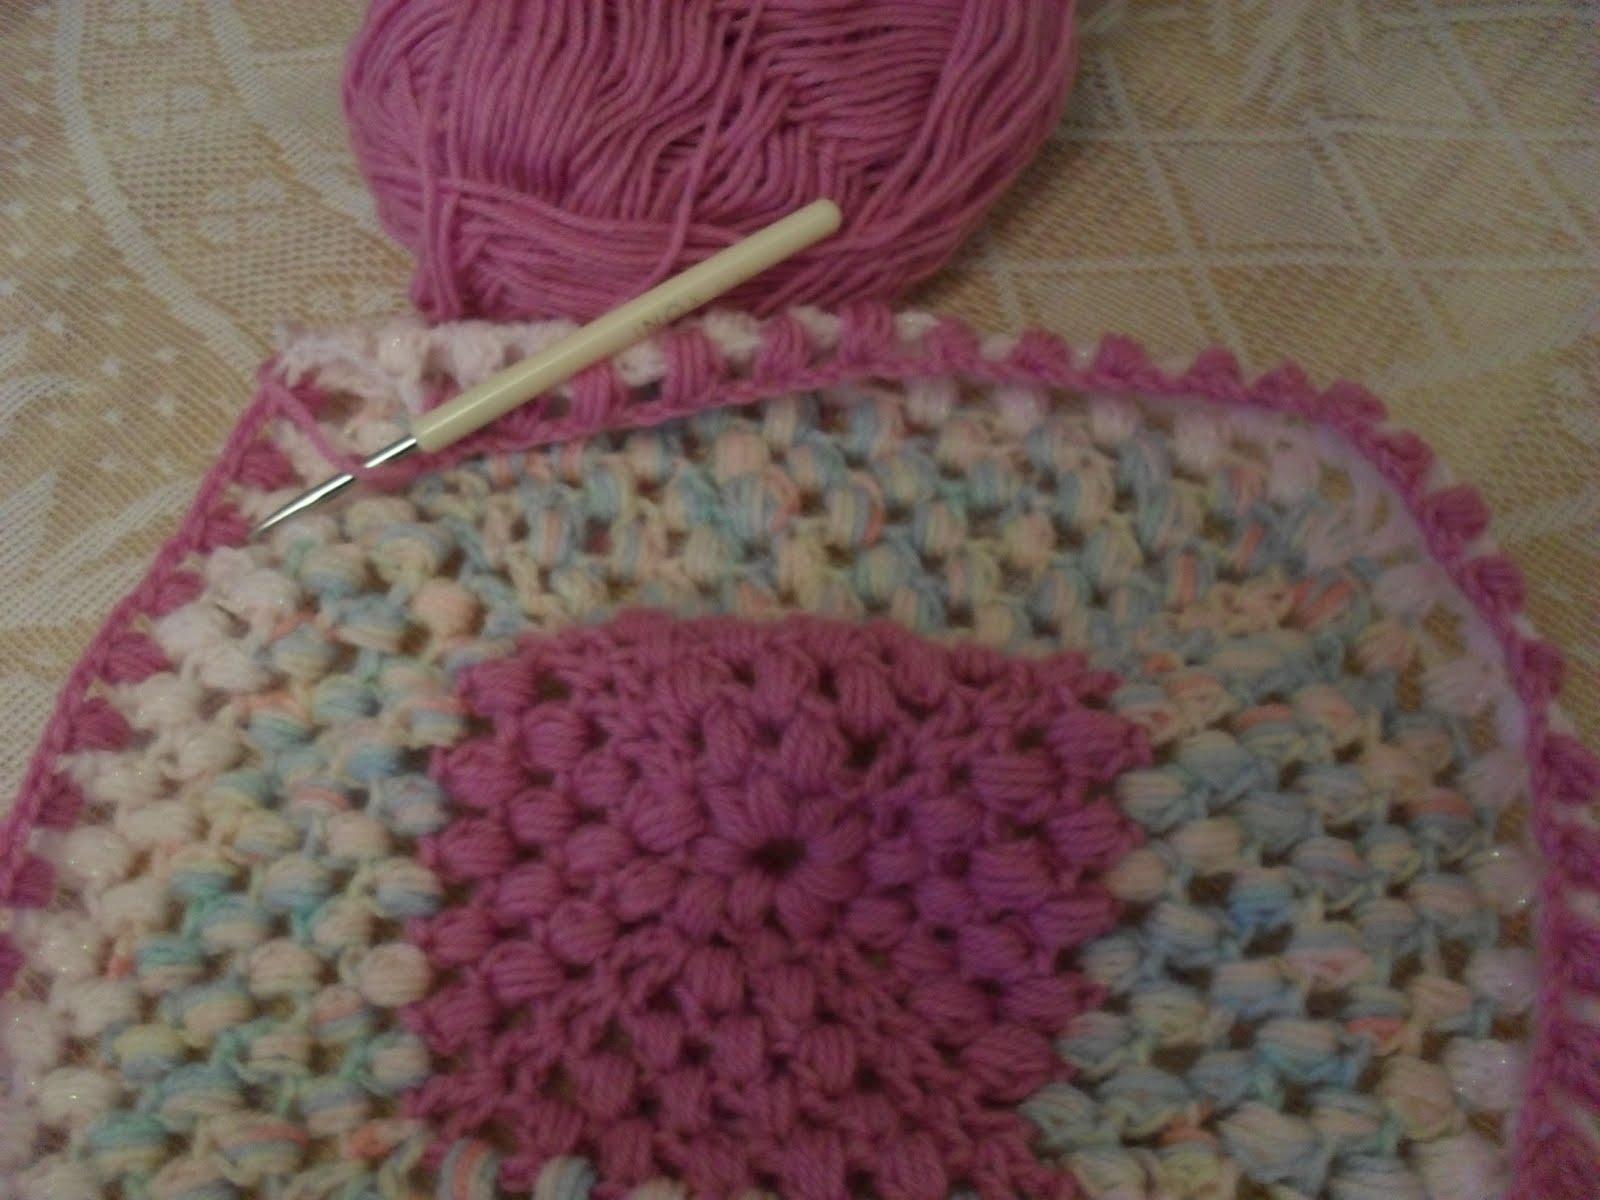 Crochet Stitches Cluster : tranquil heart: Wednesdays Workbox - Cluster Stitch Crochet Blanket